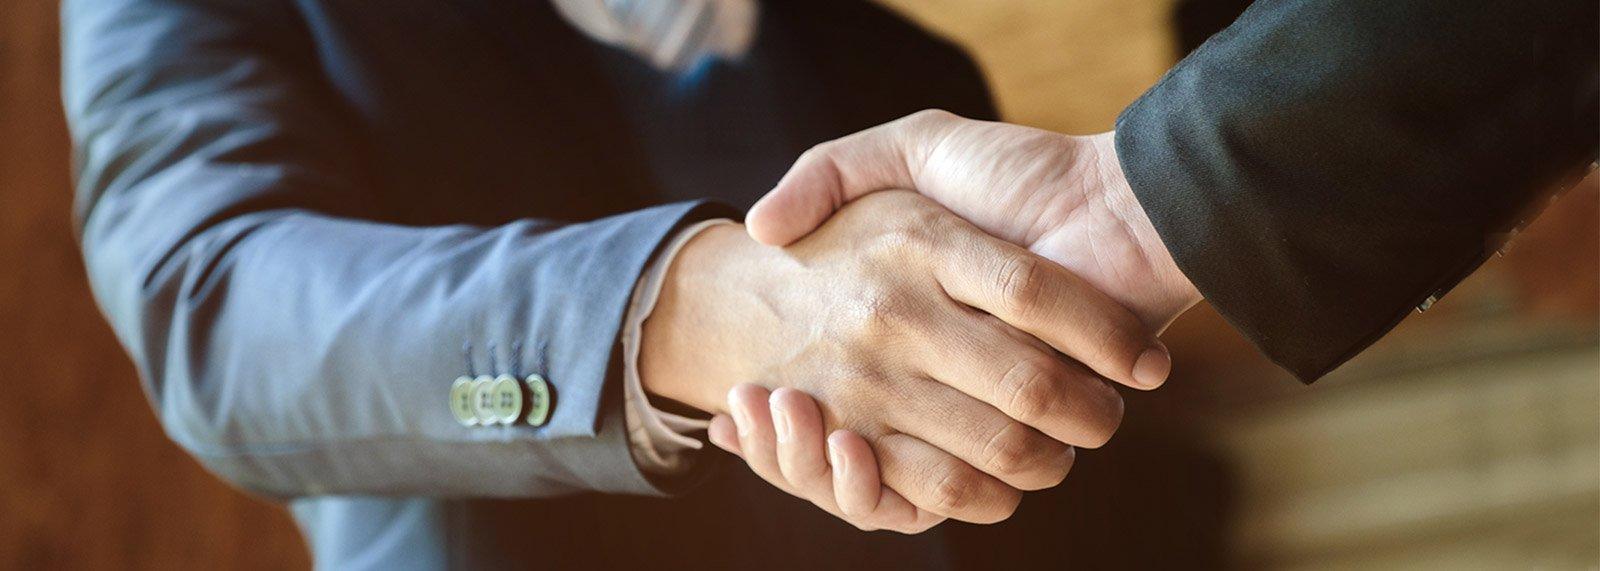 Agenzia Autoteam supporta le aziende con un'ampia gamma di servizi dedicati